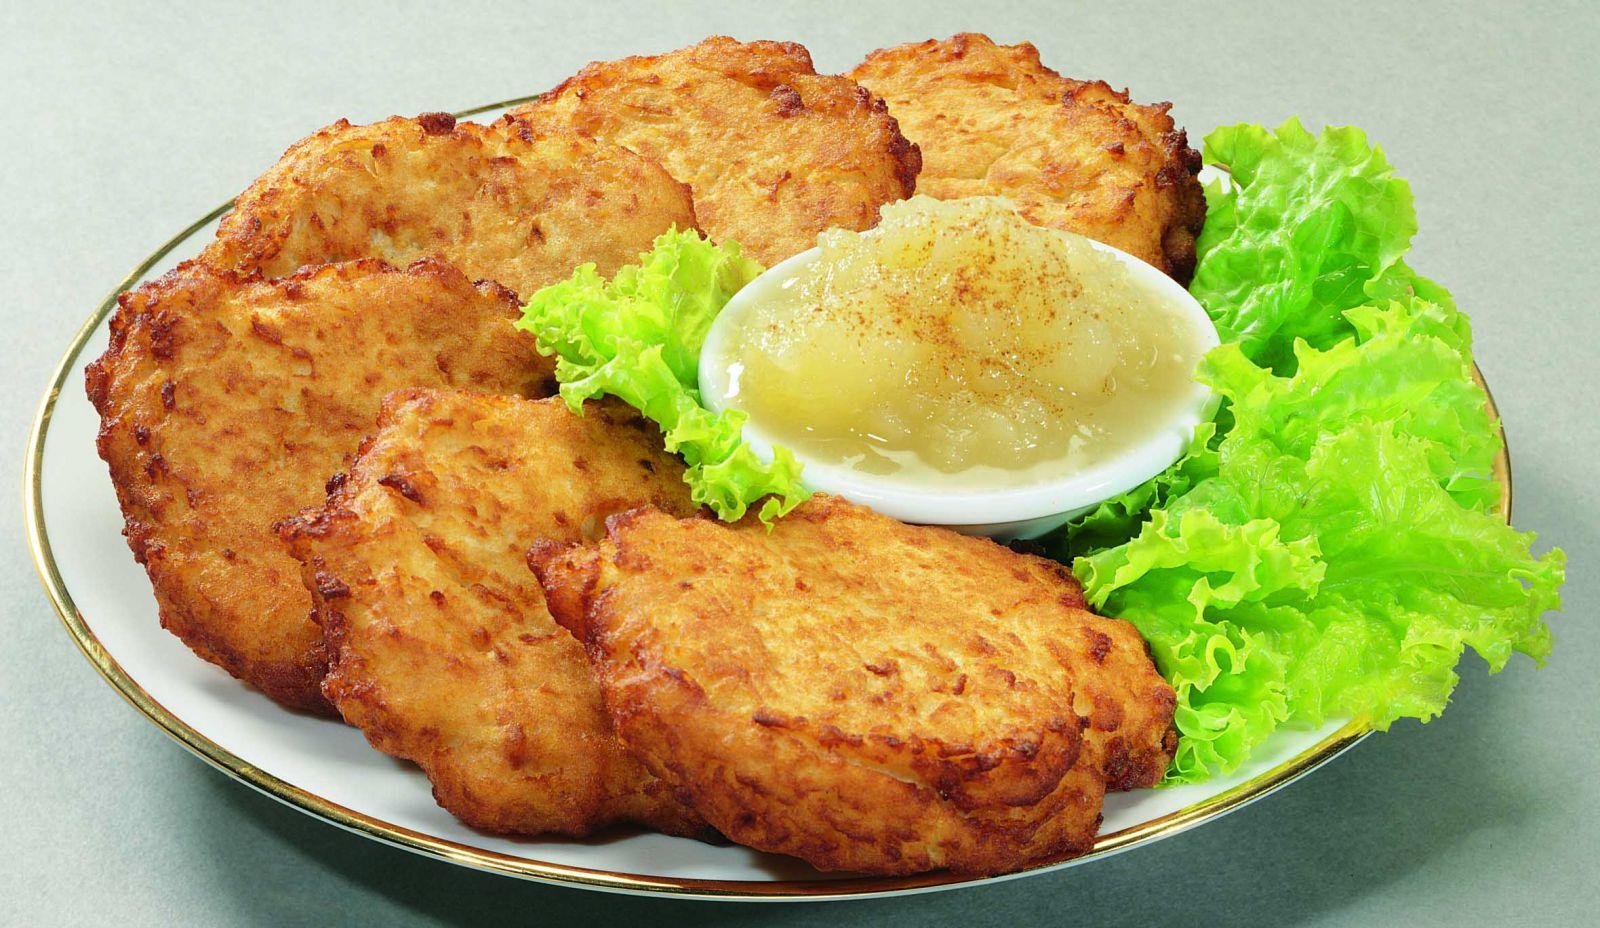 картофельные оладьи на дрожжах